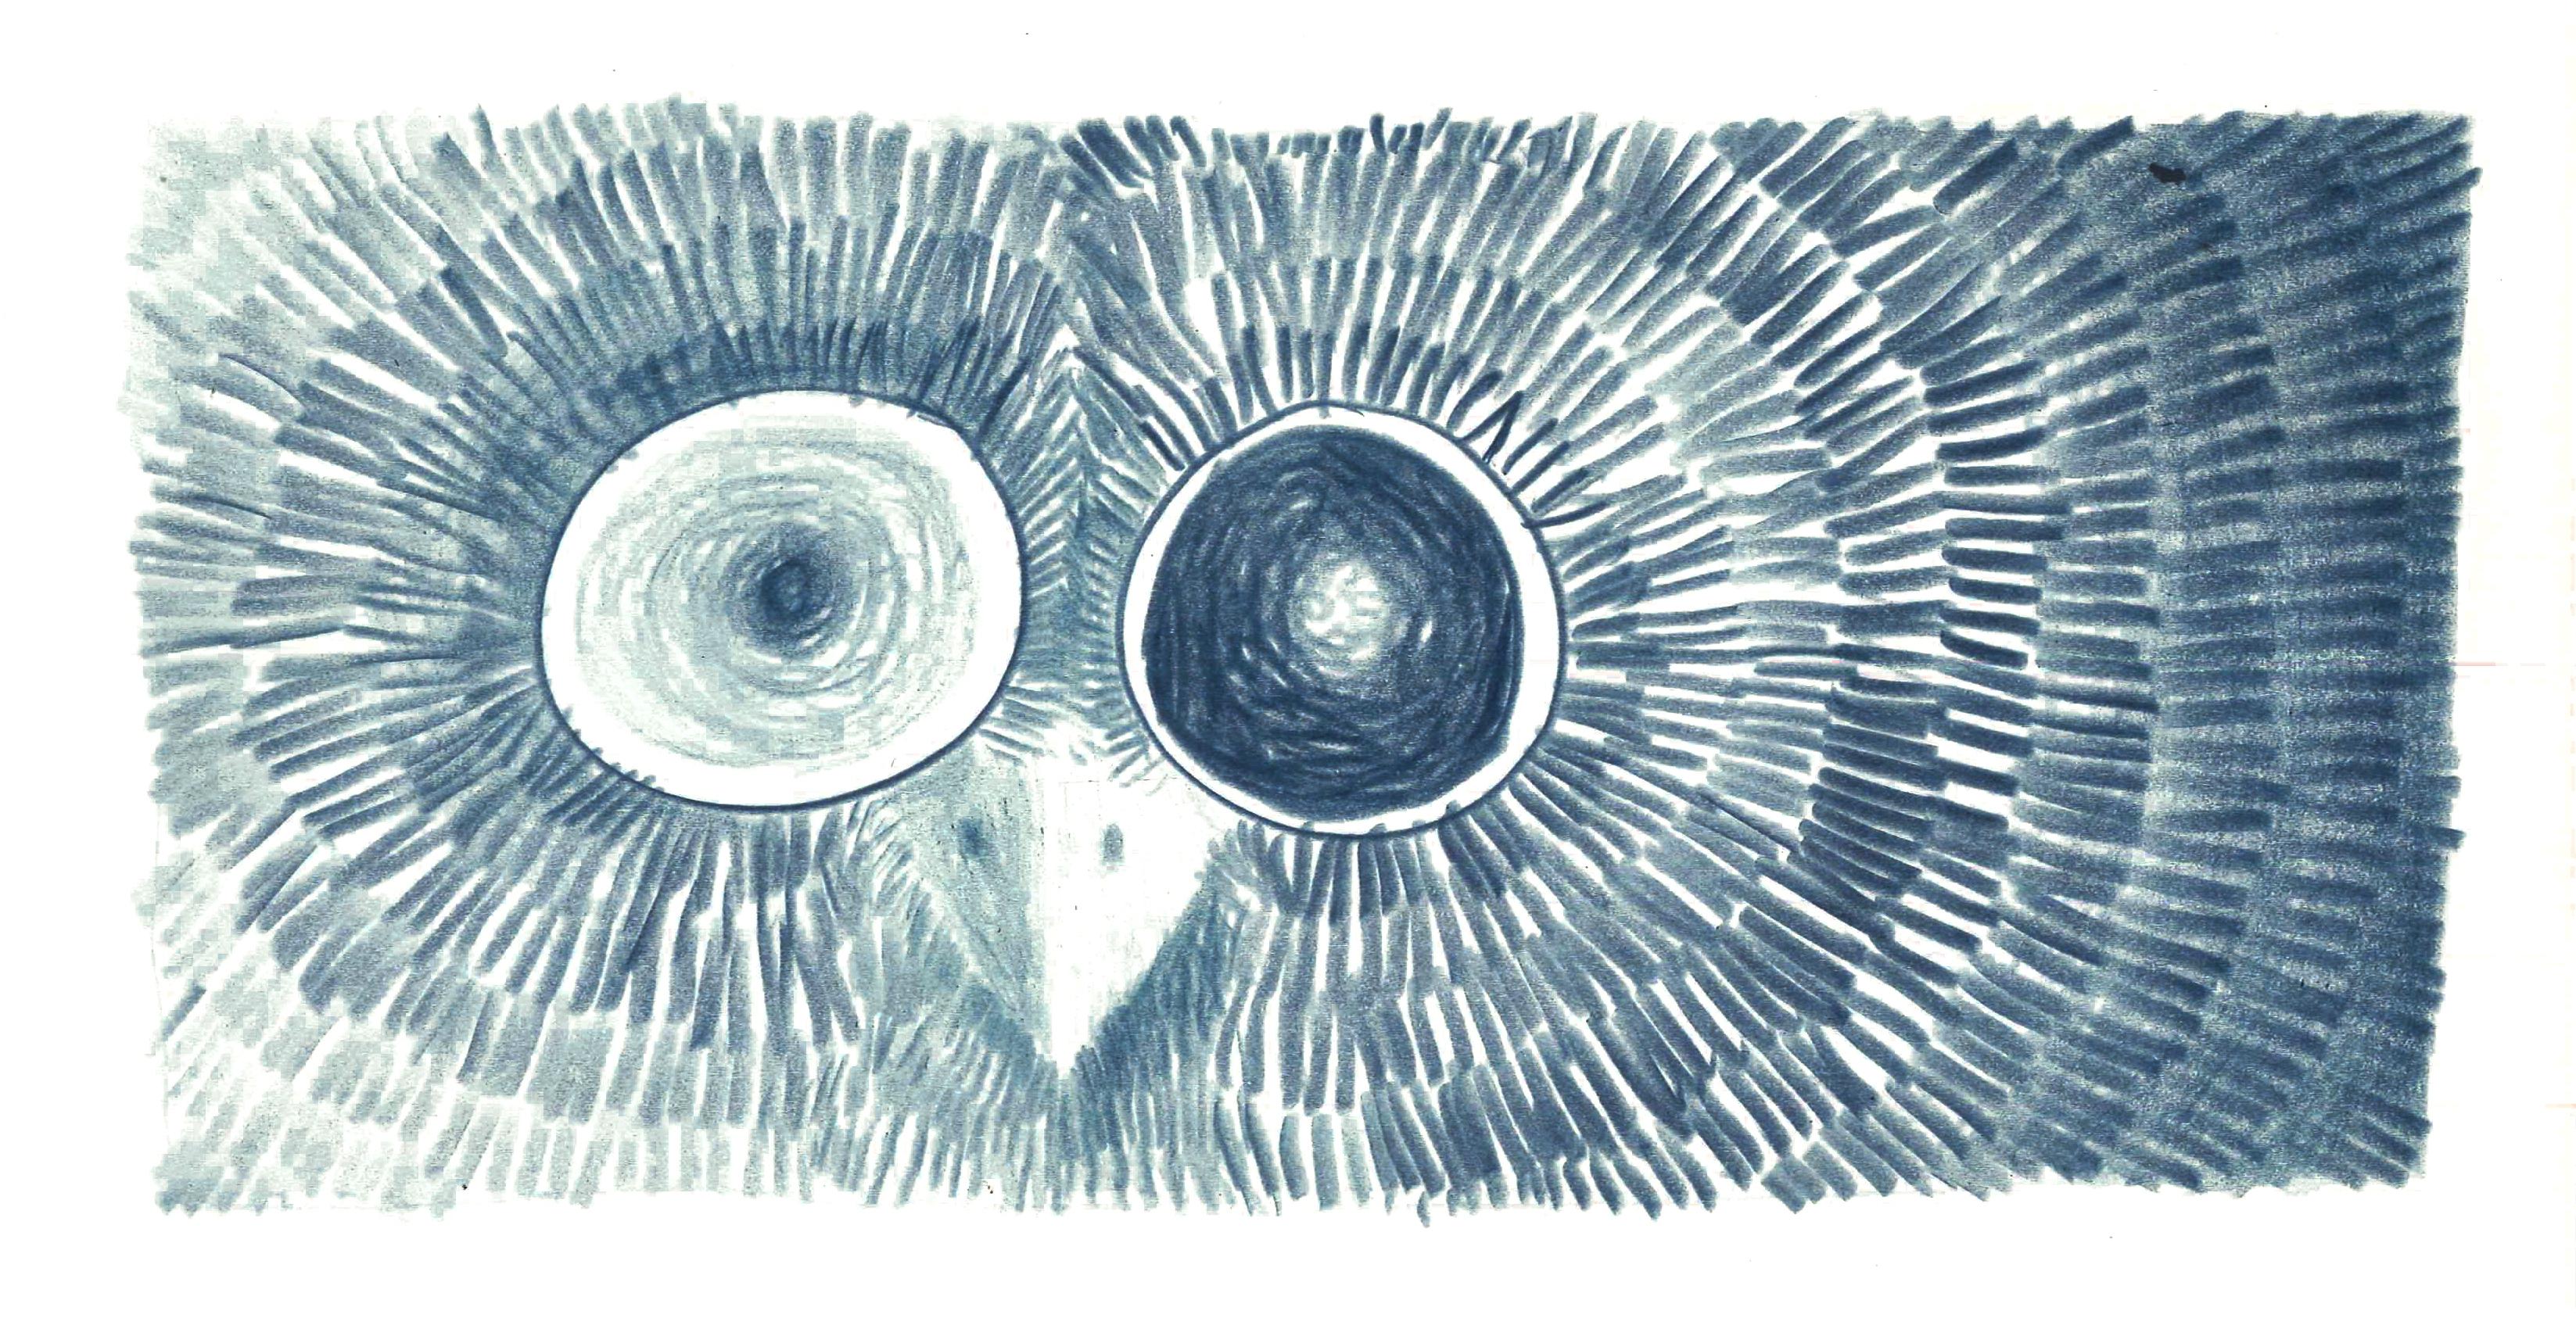 « Ce n'est qu'au début du crépuscule que la chouette de Minerve prend son envol » – Hegel